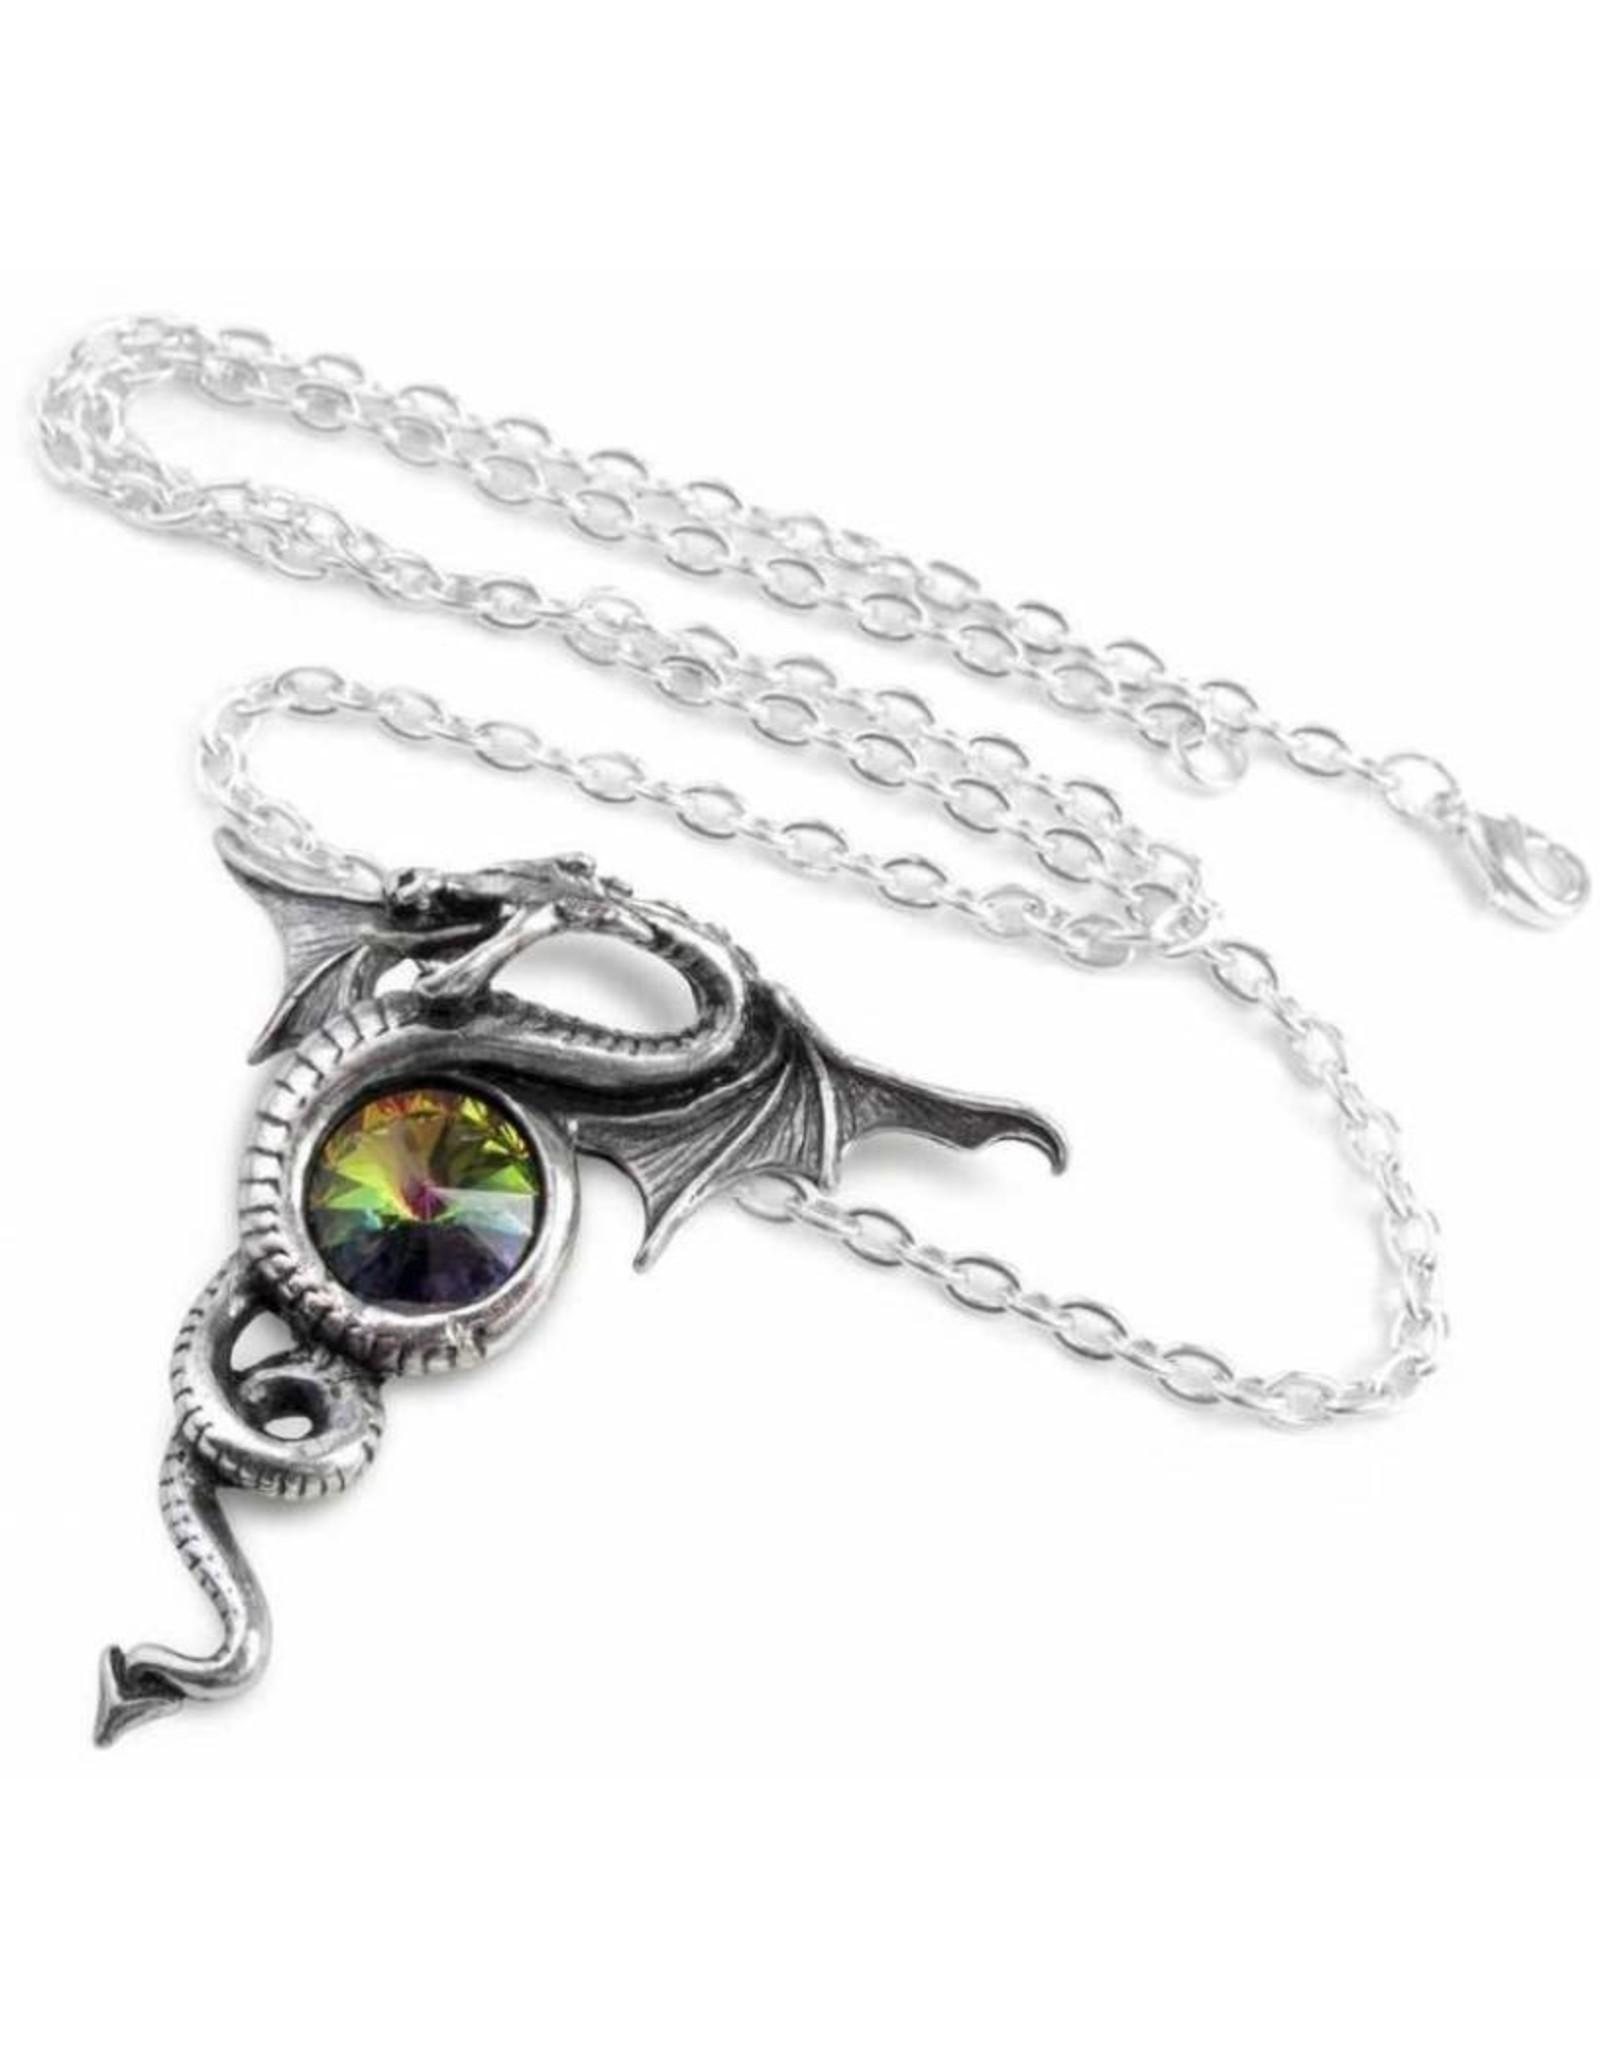 Alchemy Gothic sieraden Steampunk sieraden - Anguis Aeternus Draak ketting  met groen kristal - Alchemy